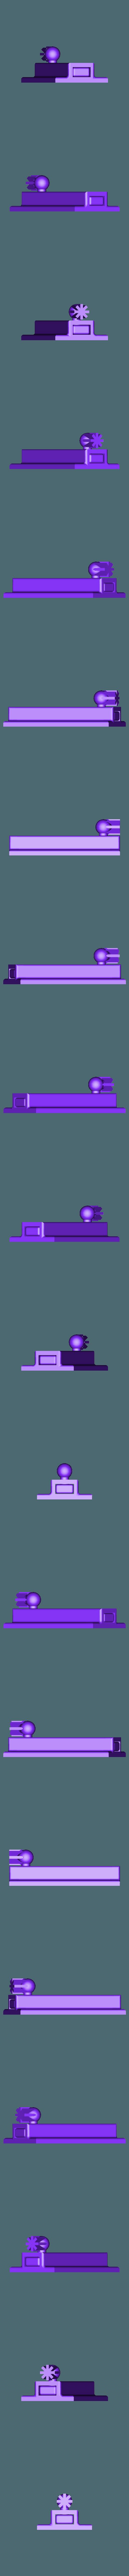 Assembled_sliding_door_bolt_improved_ball_support.stl Télécharger fichier STL gratuit Verrou de porte coulissante Impression entièrement assemblée • Design à imprimer en 3D, Sagittario